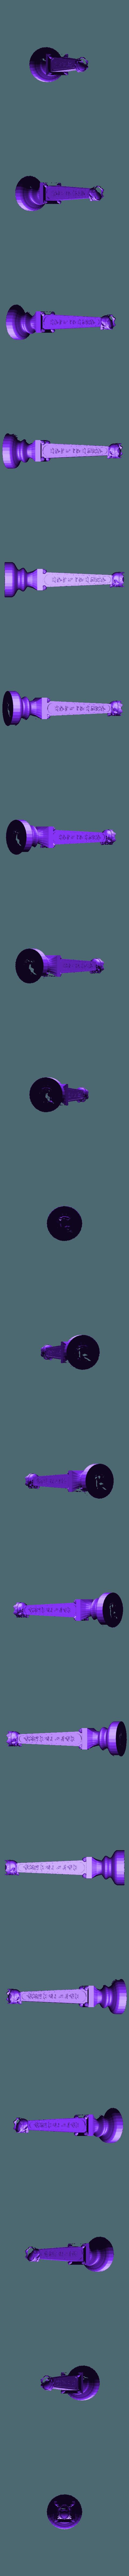 undead rook.stl Télécharger fichier STL gratuit Les échecs égyptiens : vivants ou morts • Modèle à imprimer en 3D, MartinHaurane